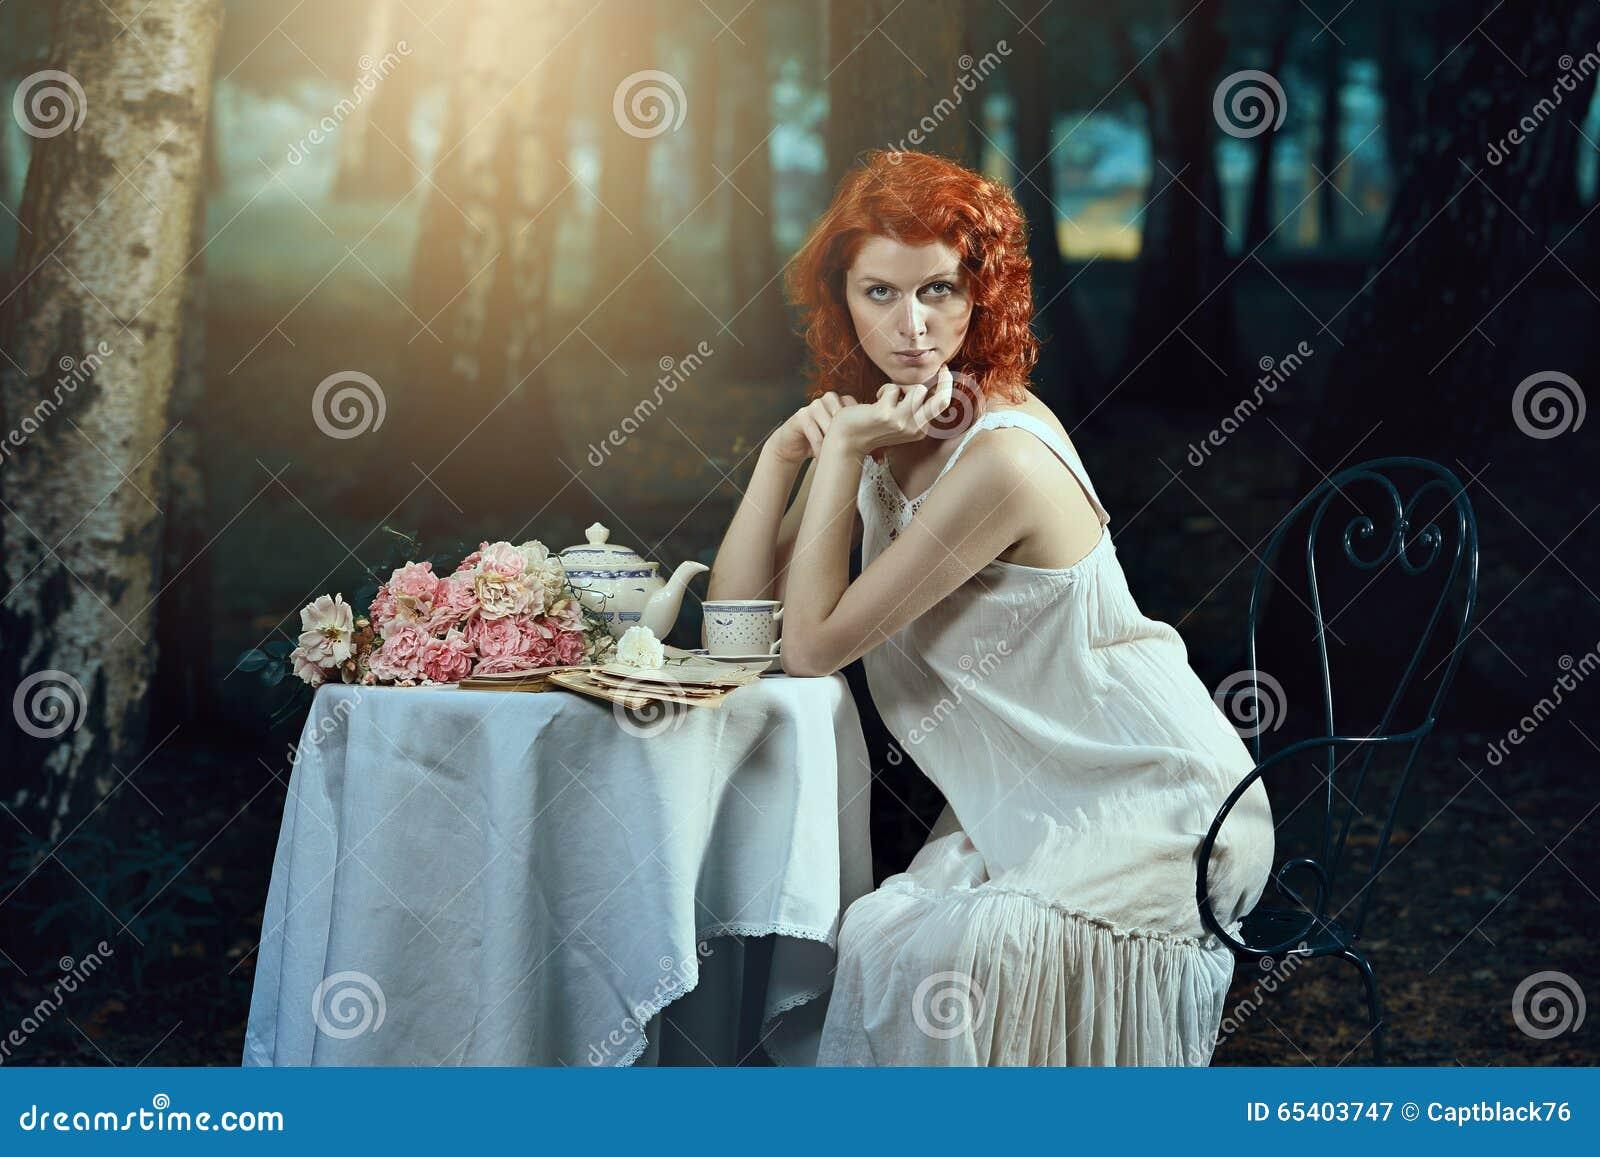 Belle femme avec les cheveux rouges dans la forêt romantique